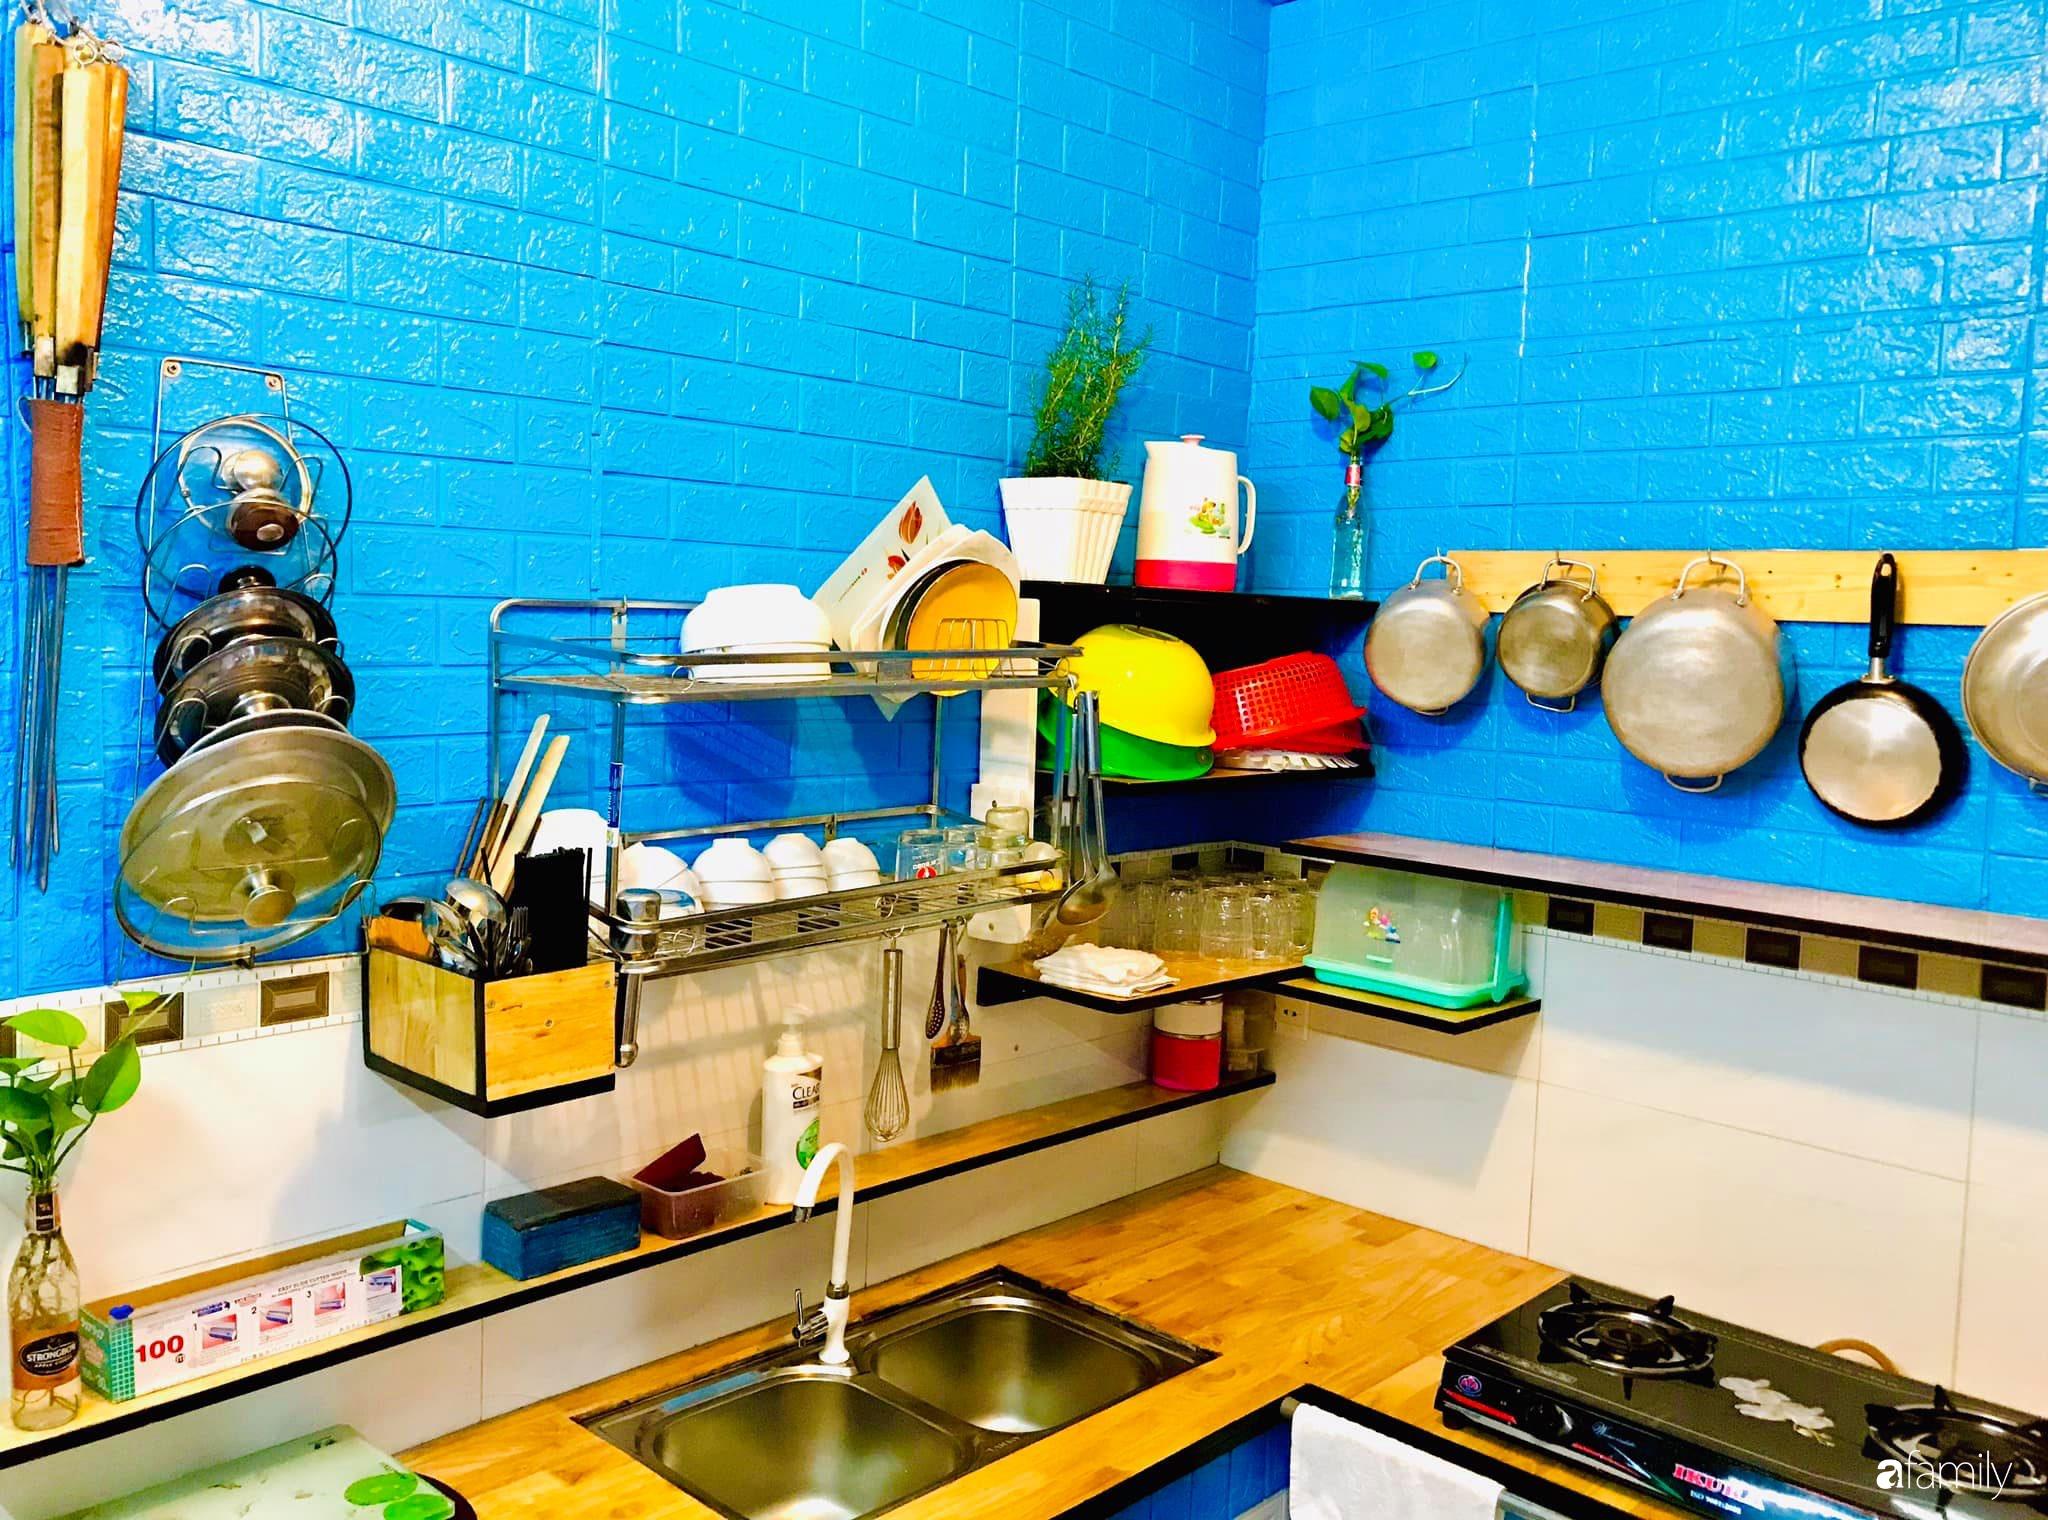 Căn bếp vỏn vẹn chỉ 5m² được ông bố Sài Gòn cải tạo tiện dụng cho việc nấu nướng hàng ngày có chi phí hơn 2 triệu đồng - Ảnh 1.